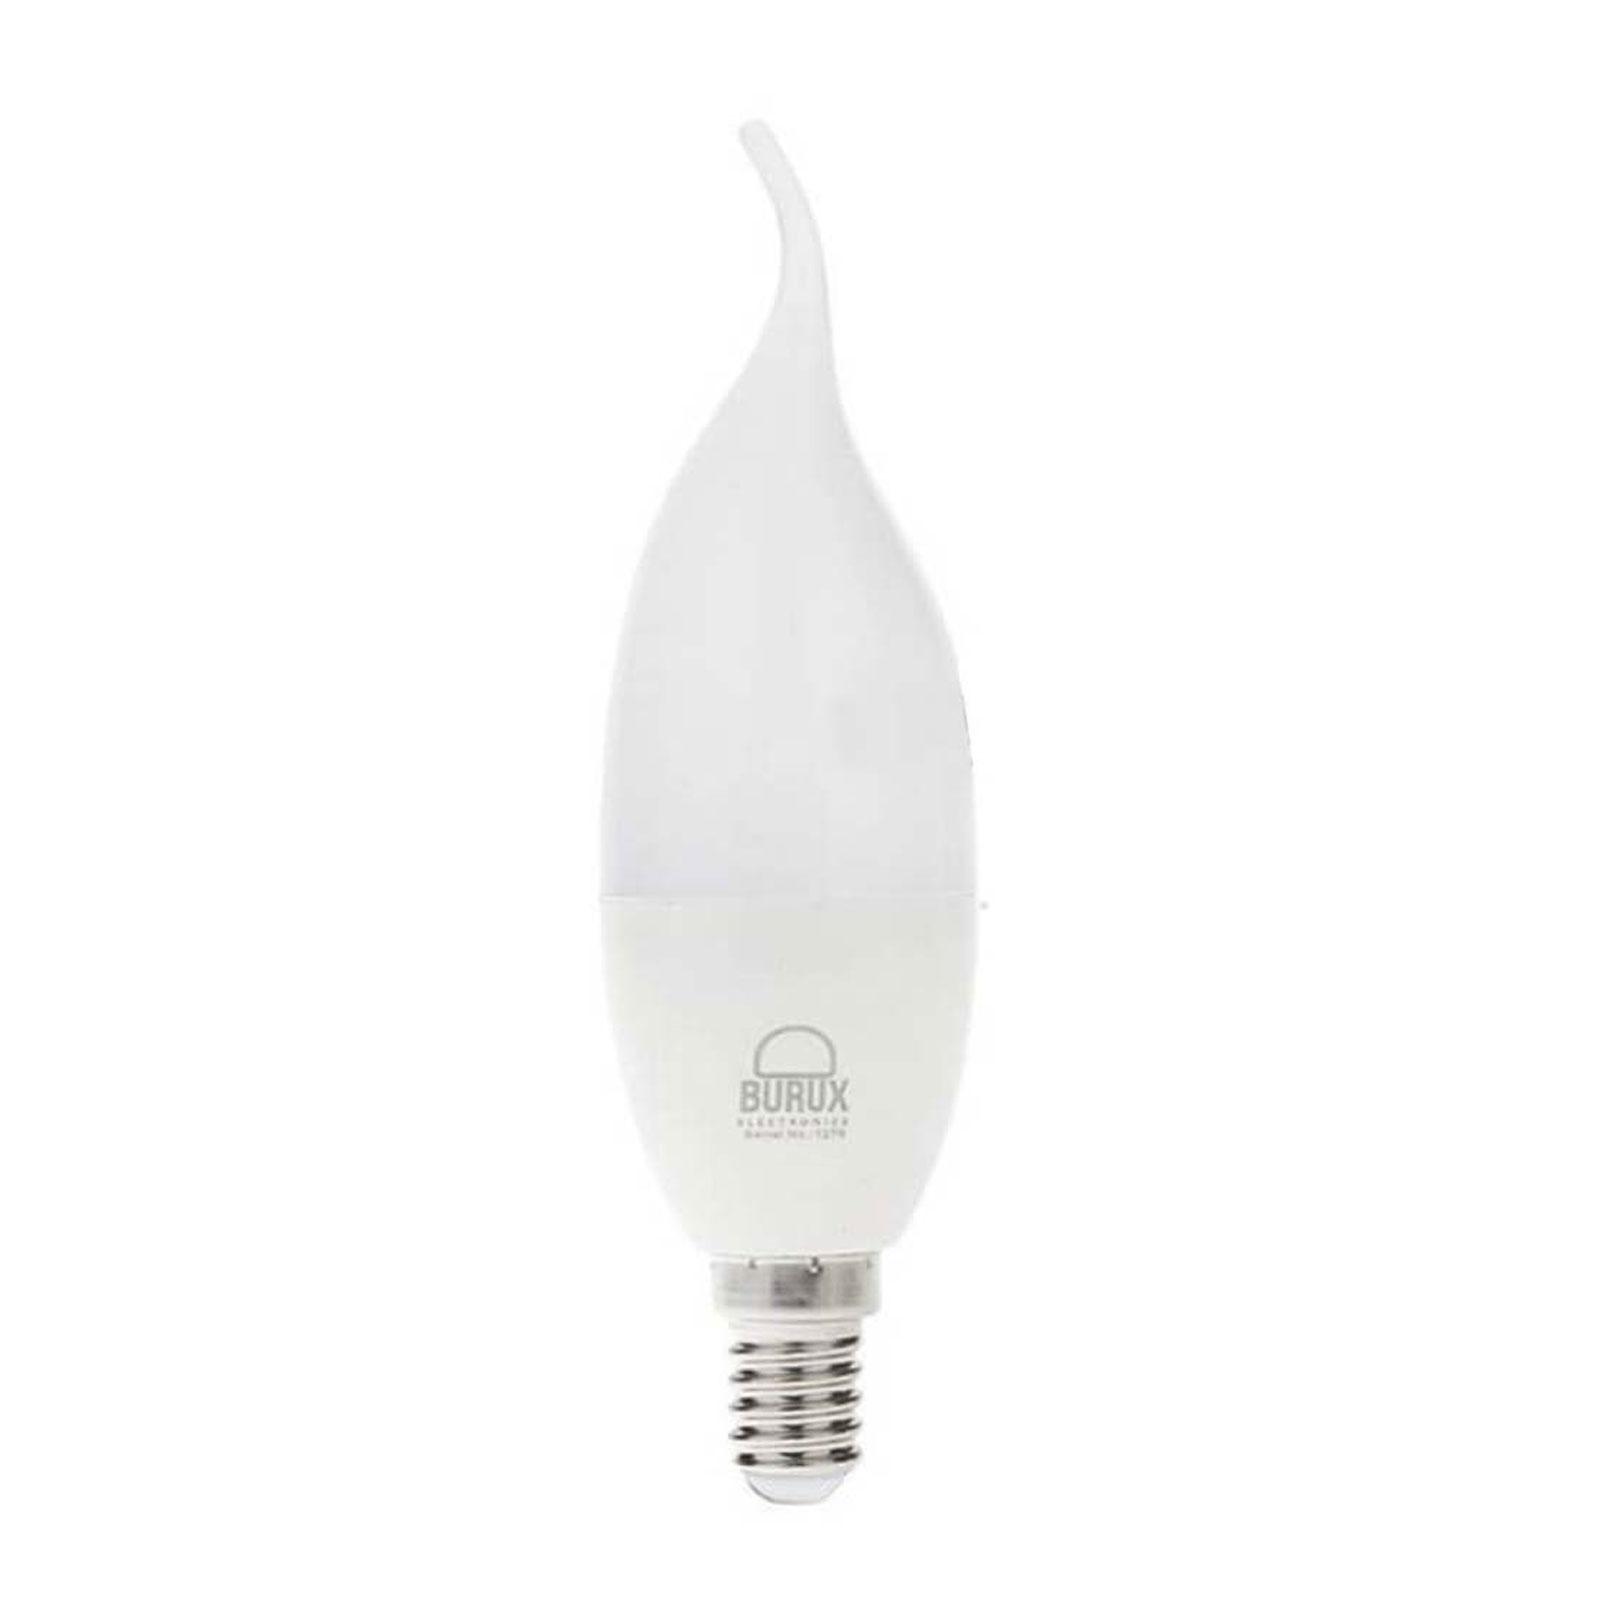 لامپ ال ای دی شمعی اشکی 7 وات E14 مدل C37L بروکس